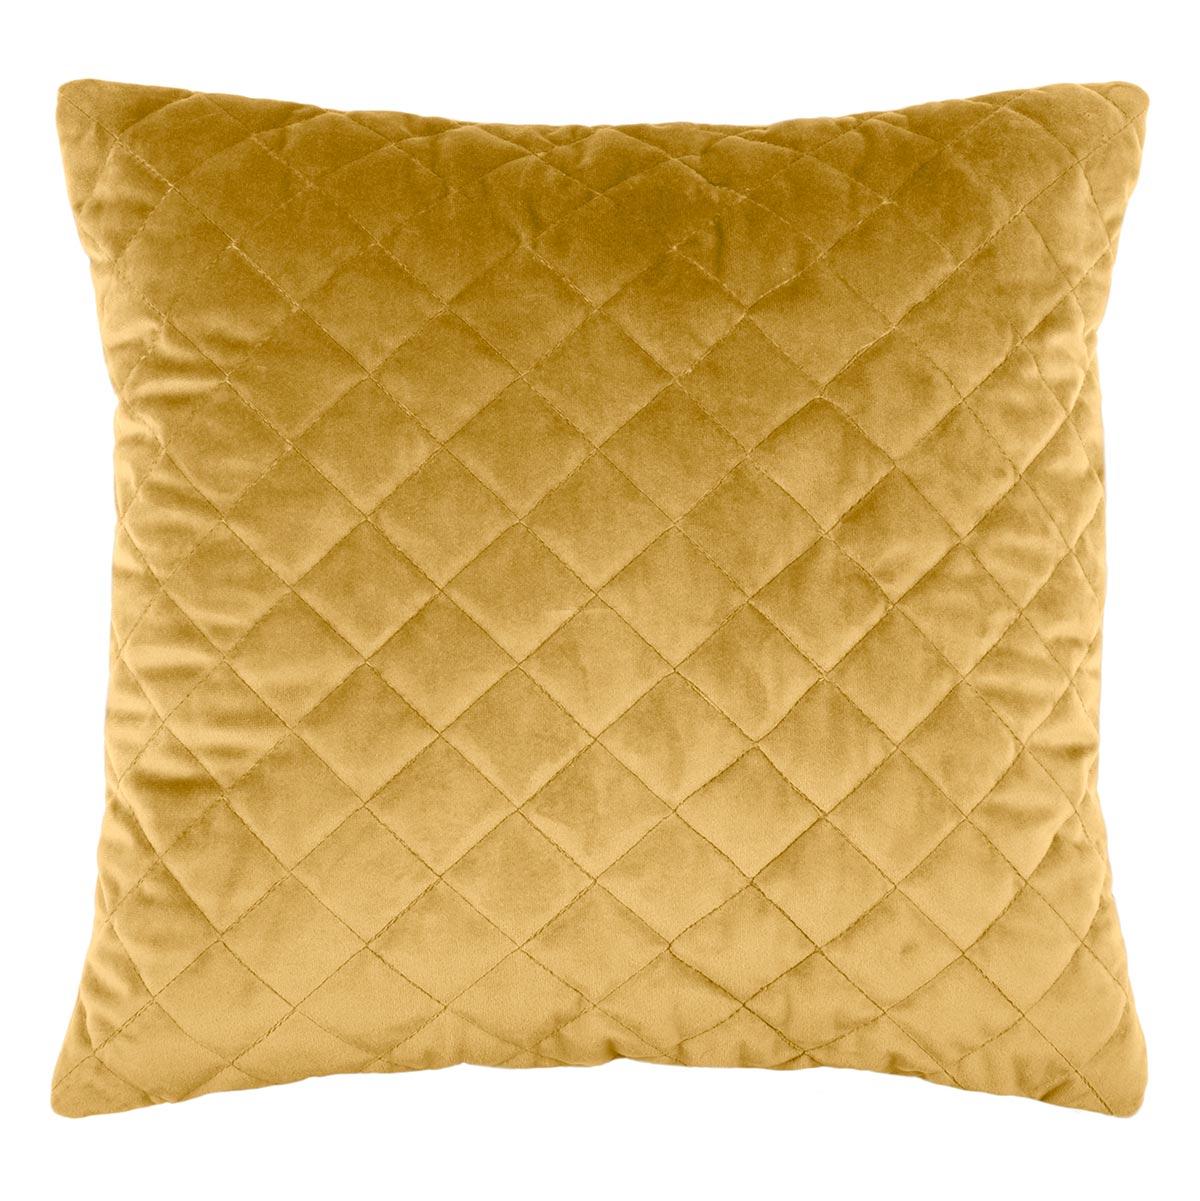 Διακοσμητικό Μαξιλάρι (40×40) S-F Danae Matela Moutarde C08630011